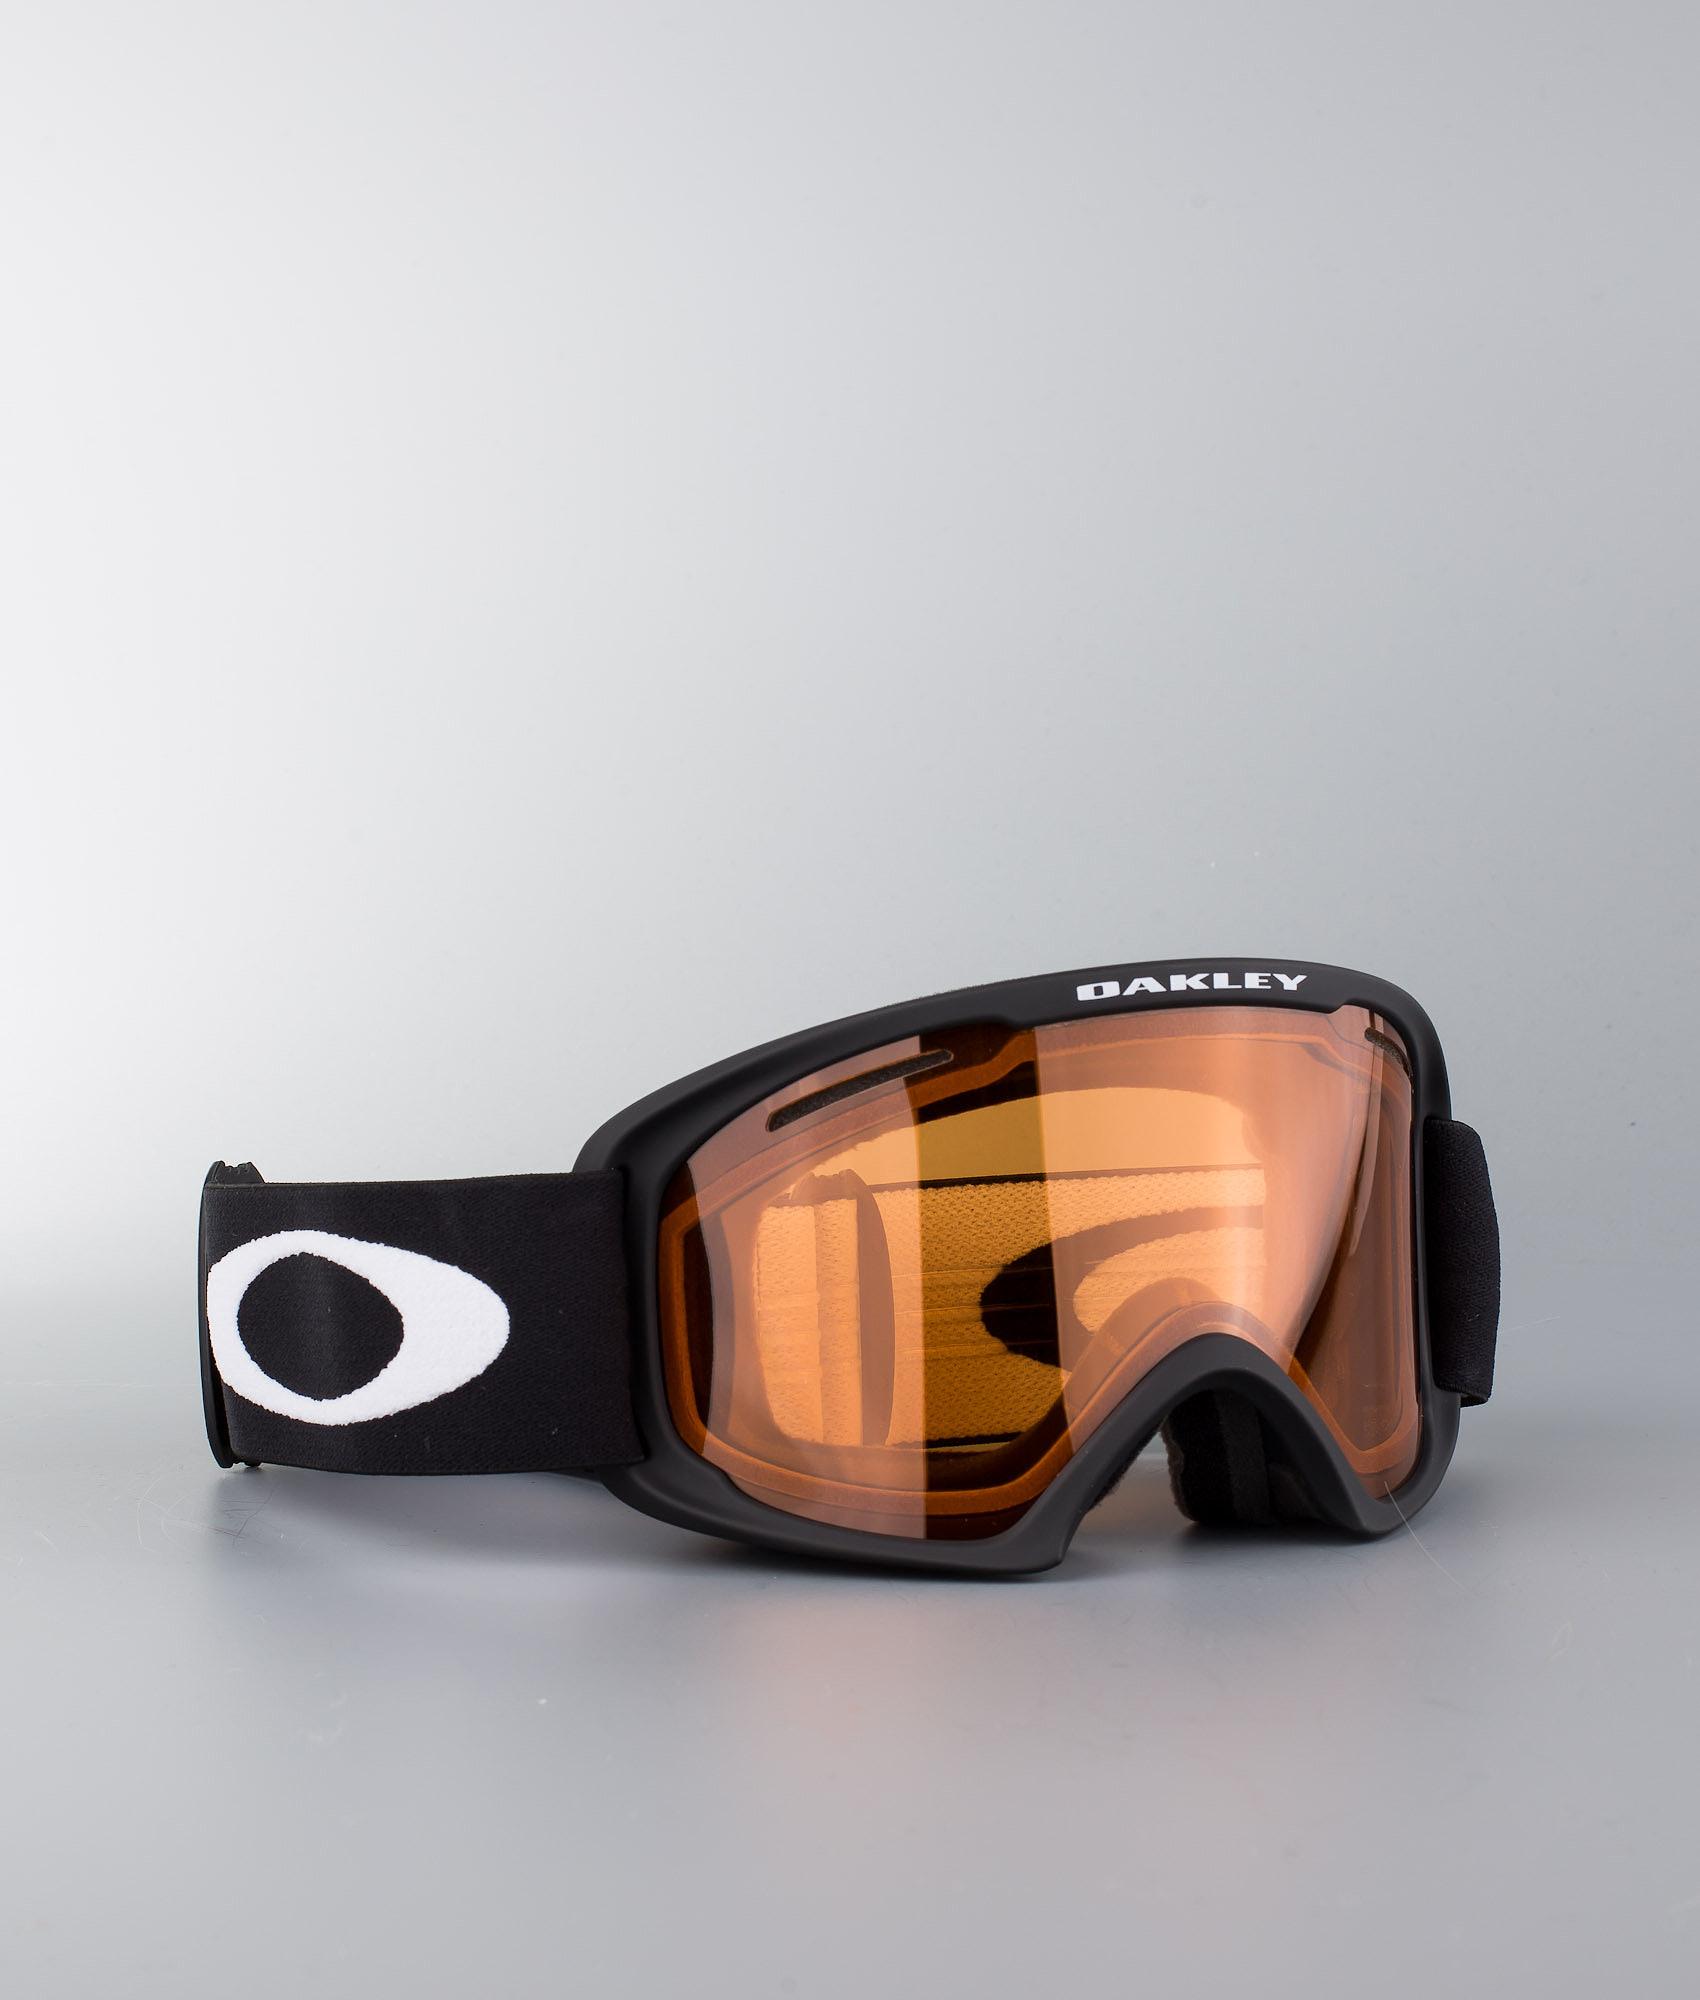 5088c0ebca Oakley O Frame 2.0 XL Ski Goggle Matte Black W Persimmon - Ridestore.com